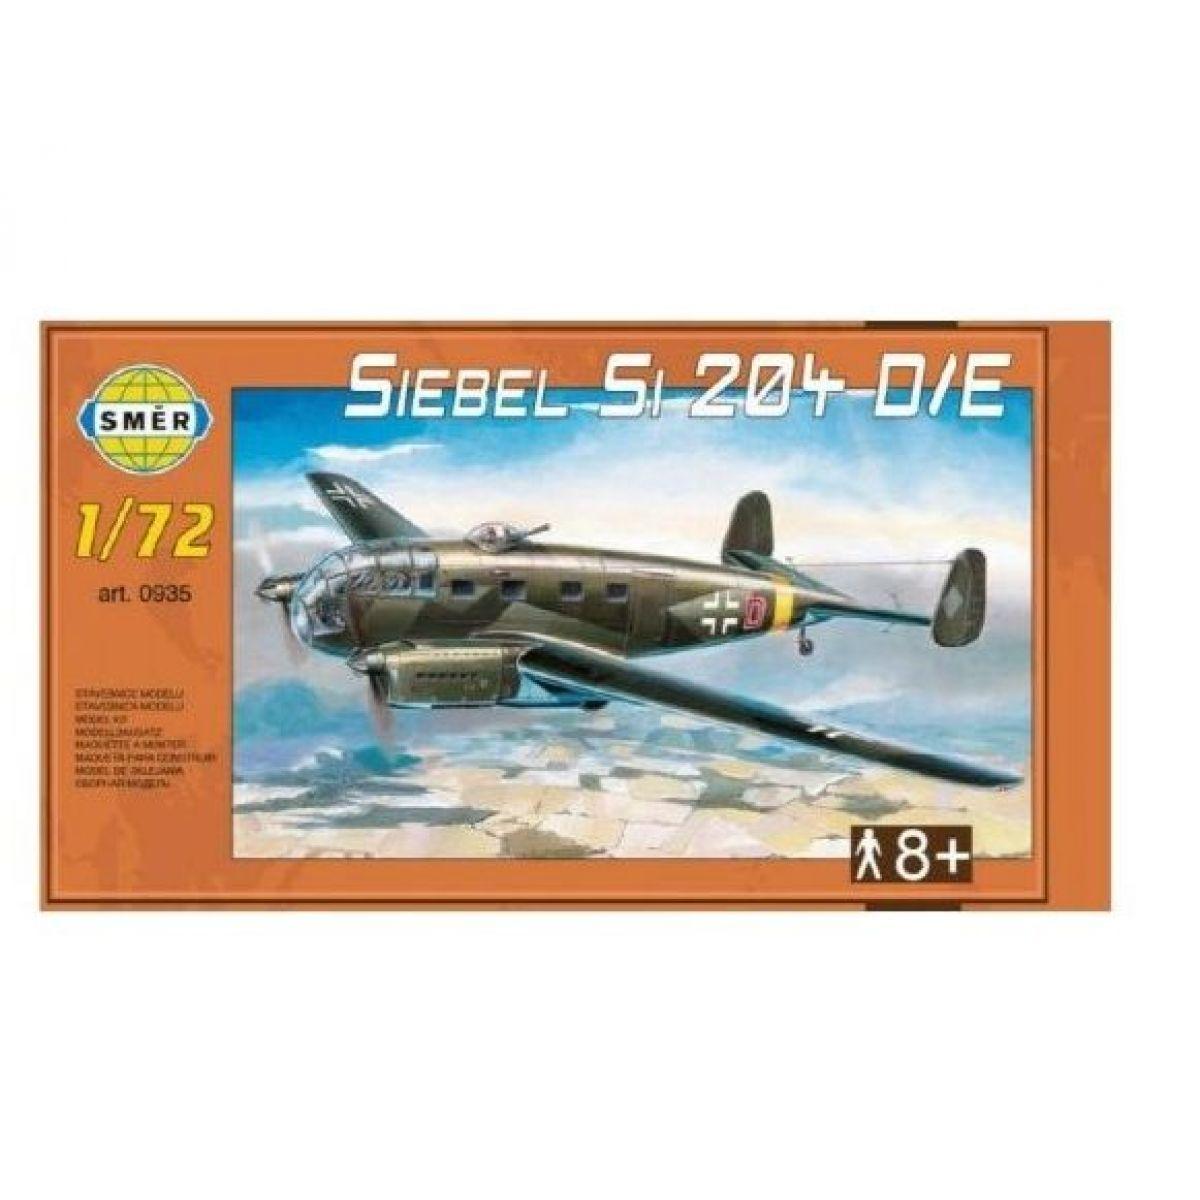 Smer Model Siebel Si 204 DE 1:72